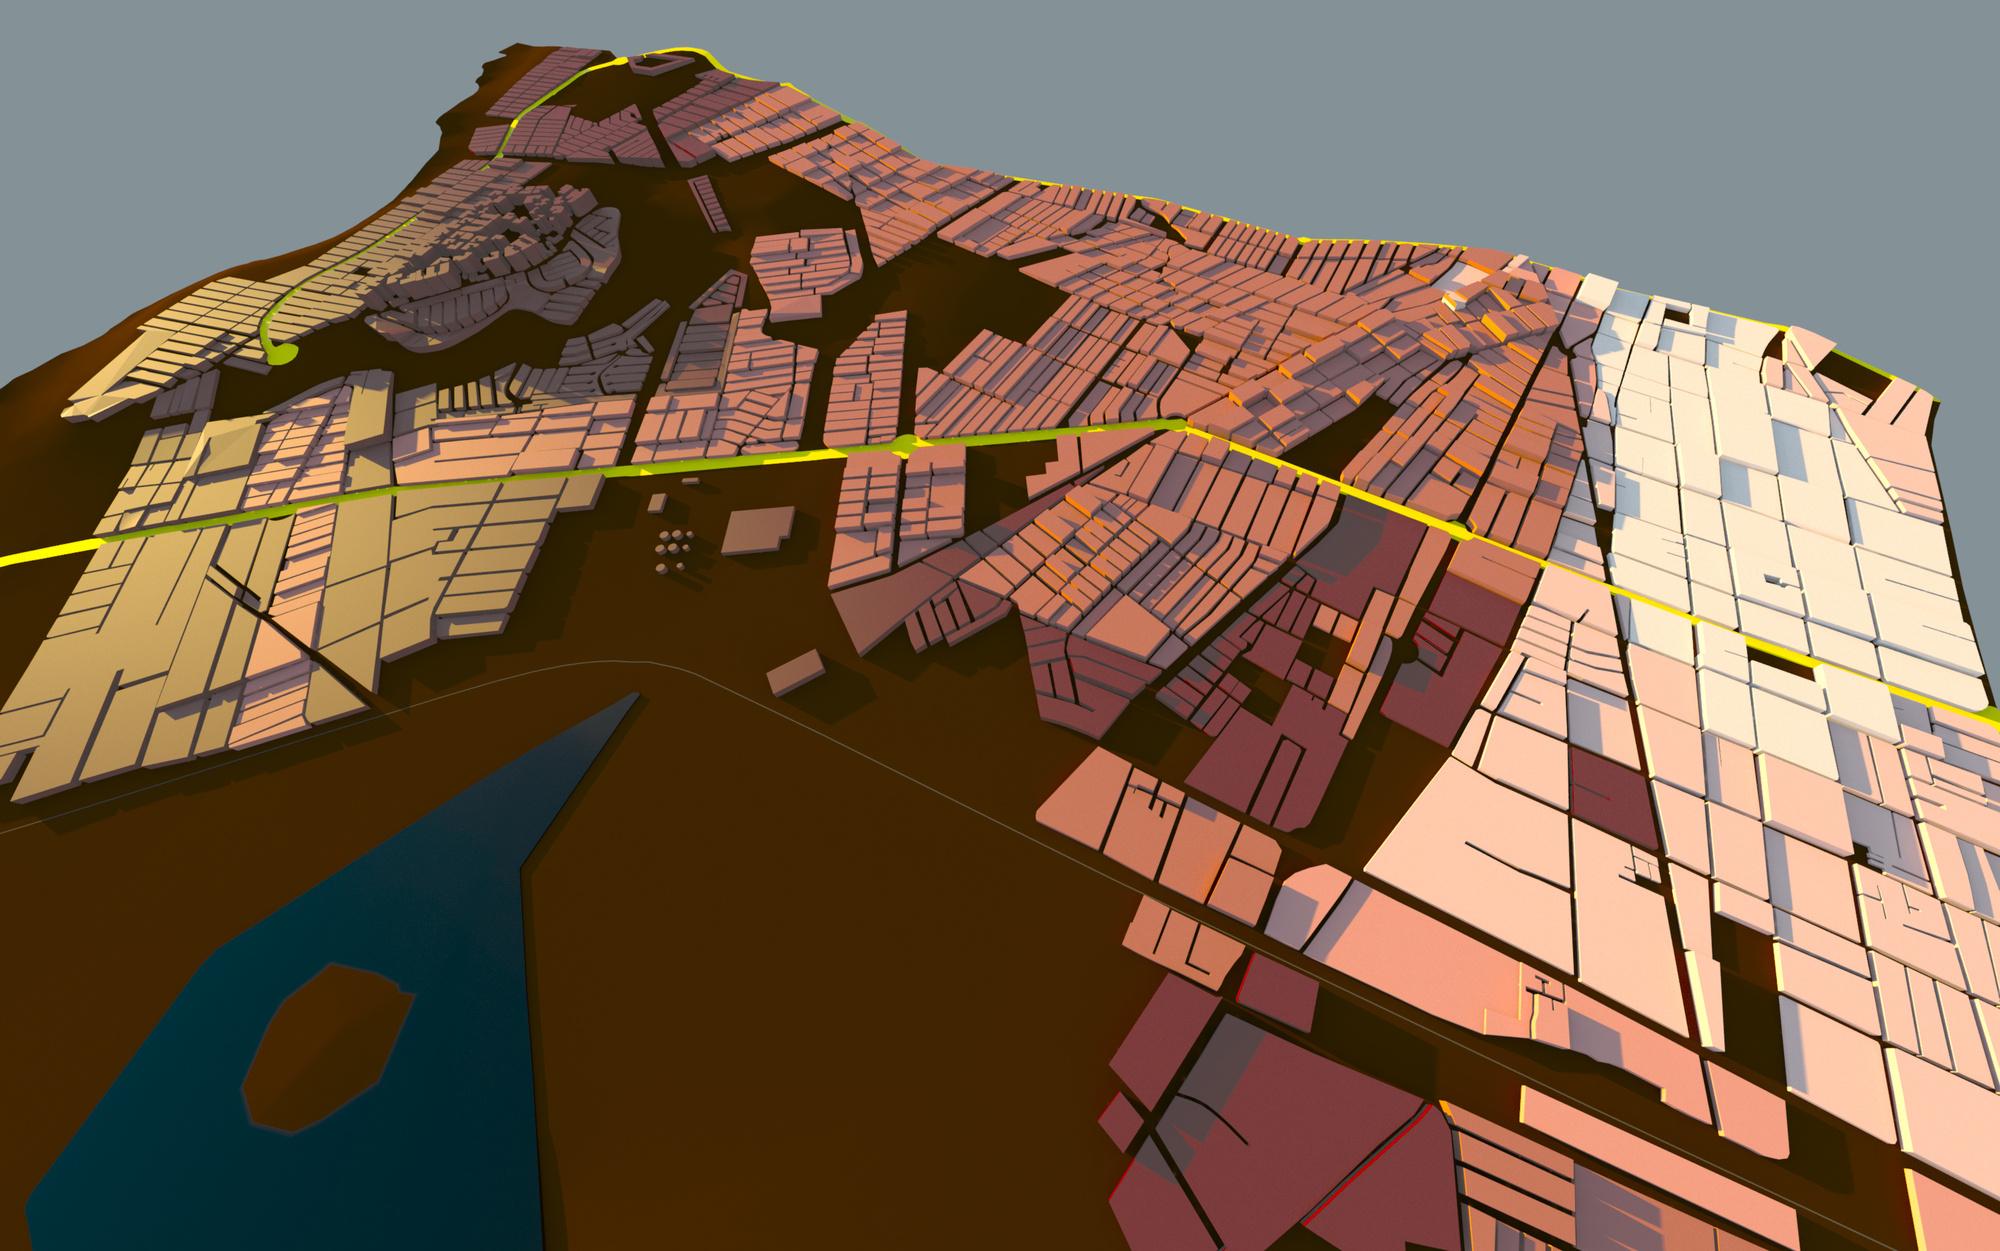 Raas-rendering20150430-3310-1kfqmvo